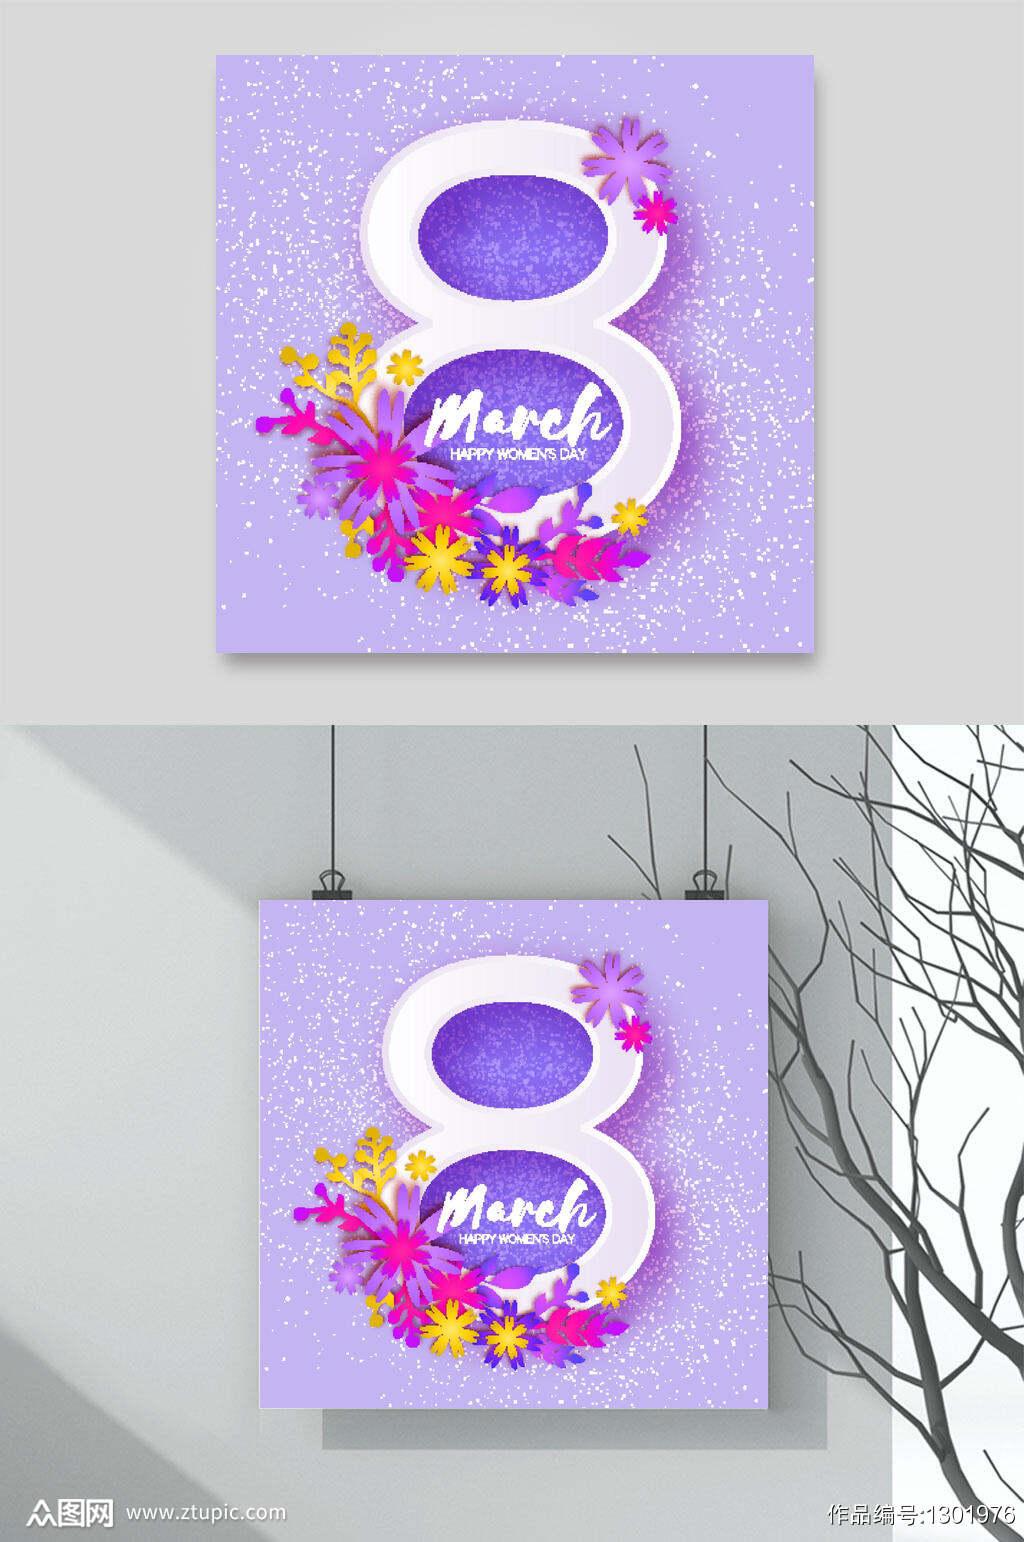 紫色简约38女神女王节素材素材